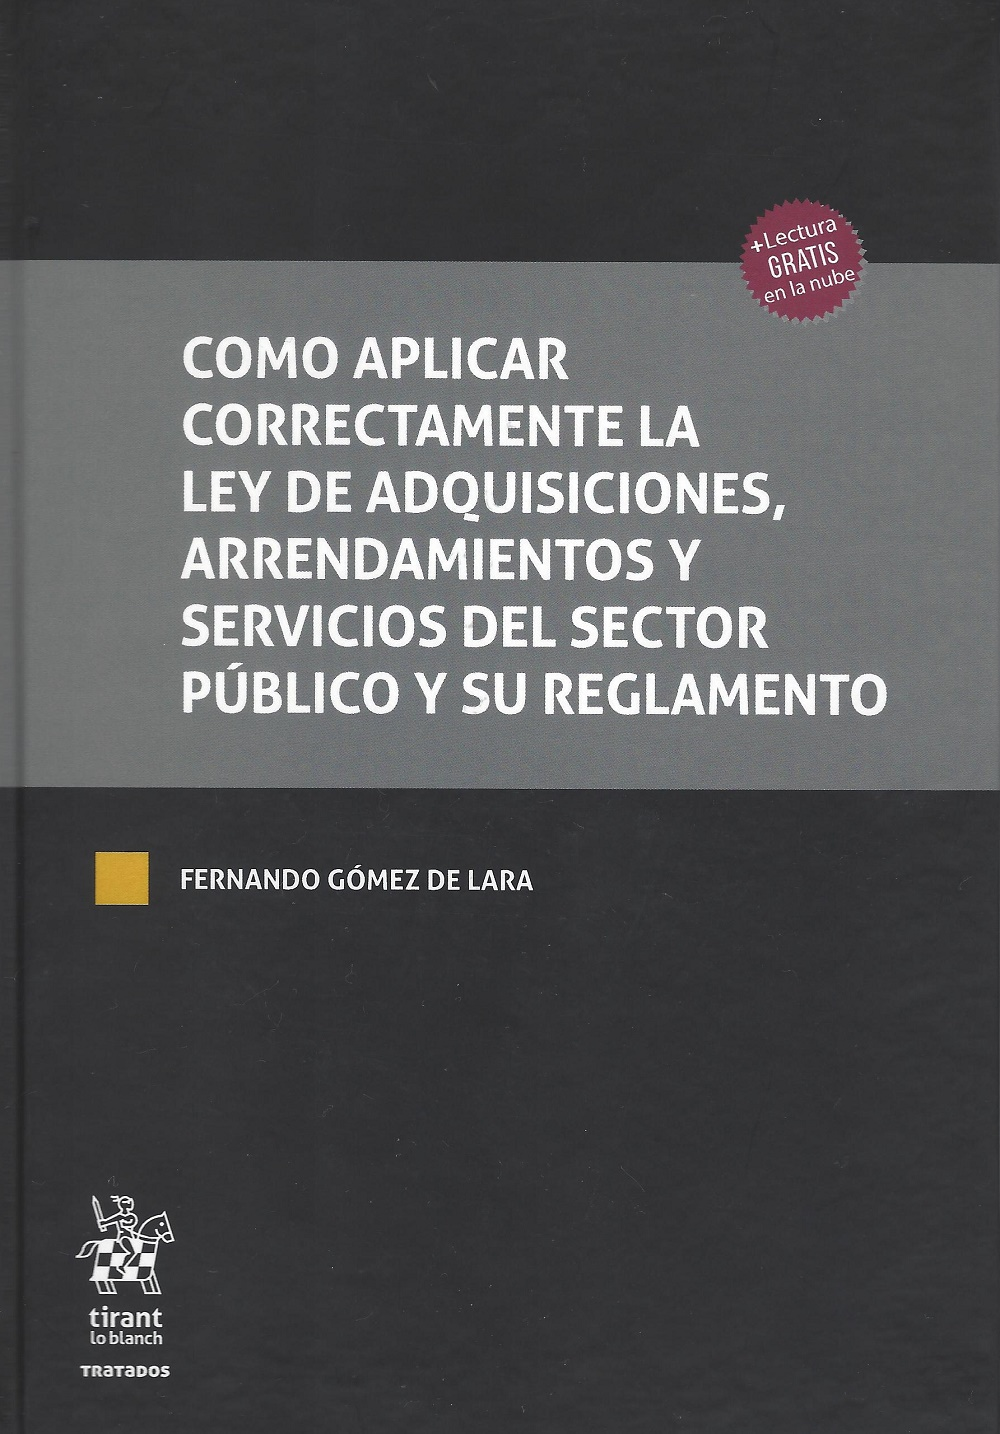 COMO APLICAR CORRECTAMENTE LA LEY DE ADQUISICIONES ARRENDAMIENTOS Y  SERVICIOS DEL SECTOR PUBLICO Y SU REGLAMENTO / PD